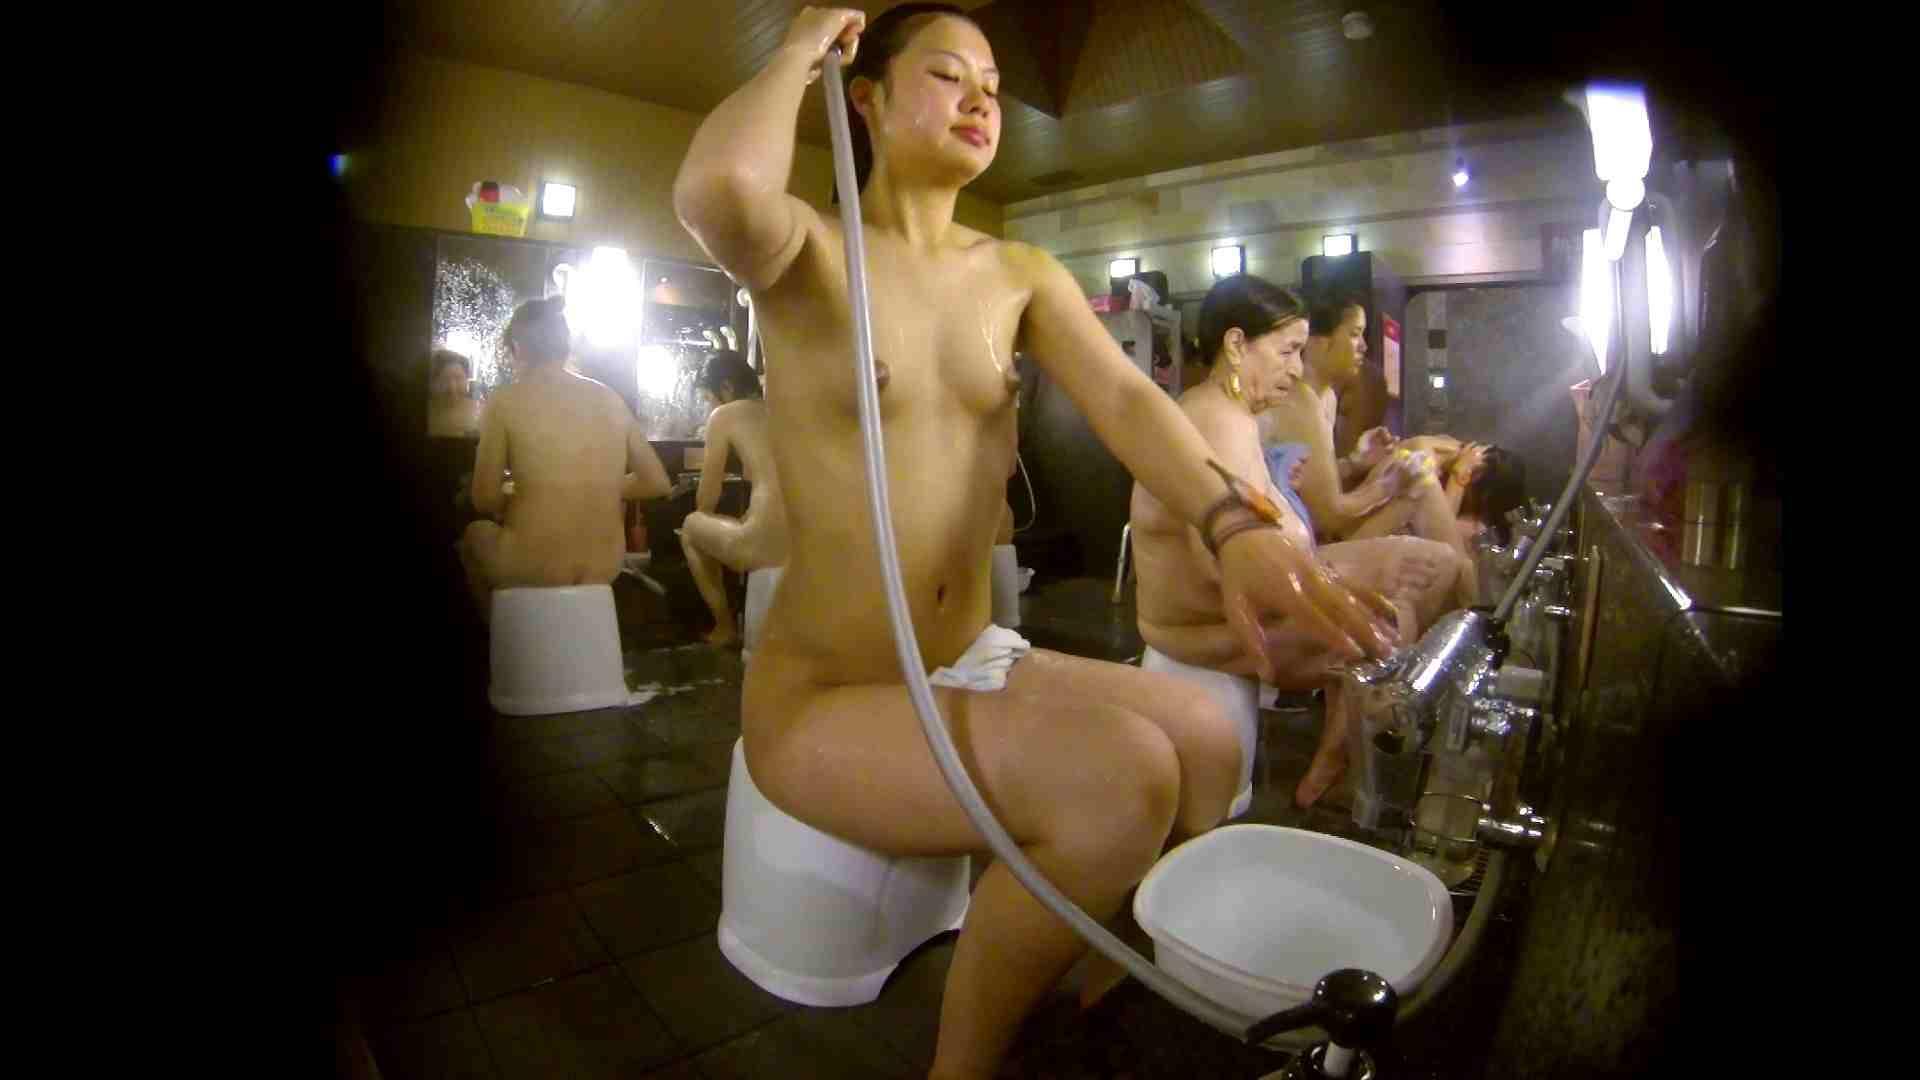 追い撮り!脱衣~洗い場、徹底追跡!撮り師さんに拍手!! 追跡  67PIX 21